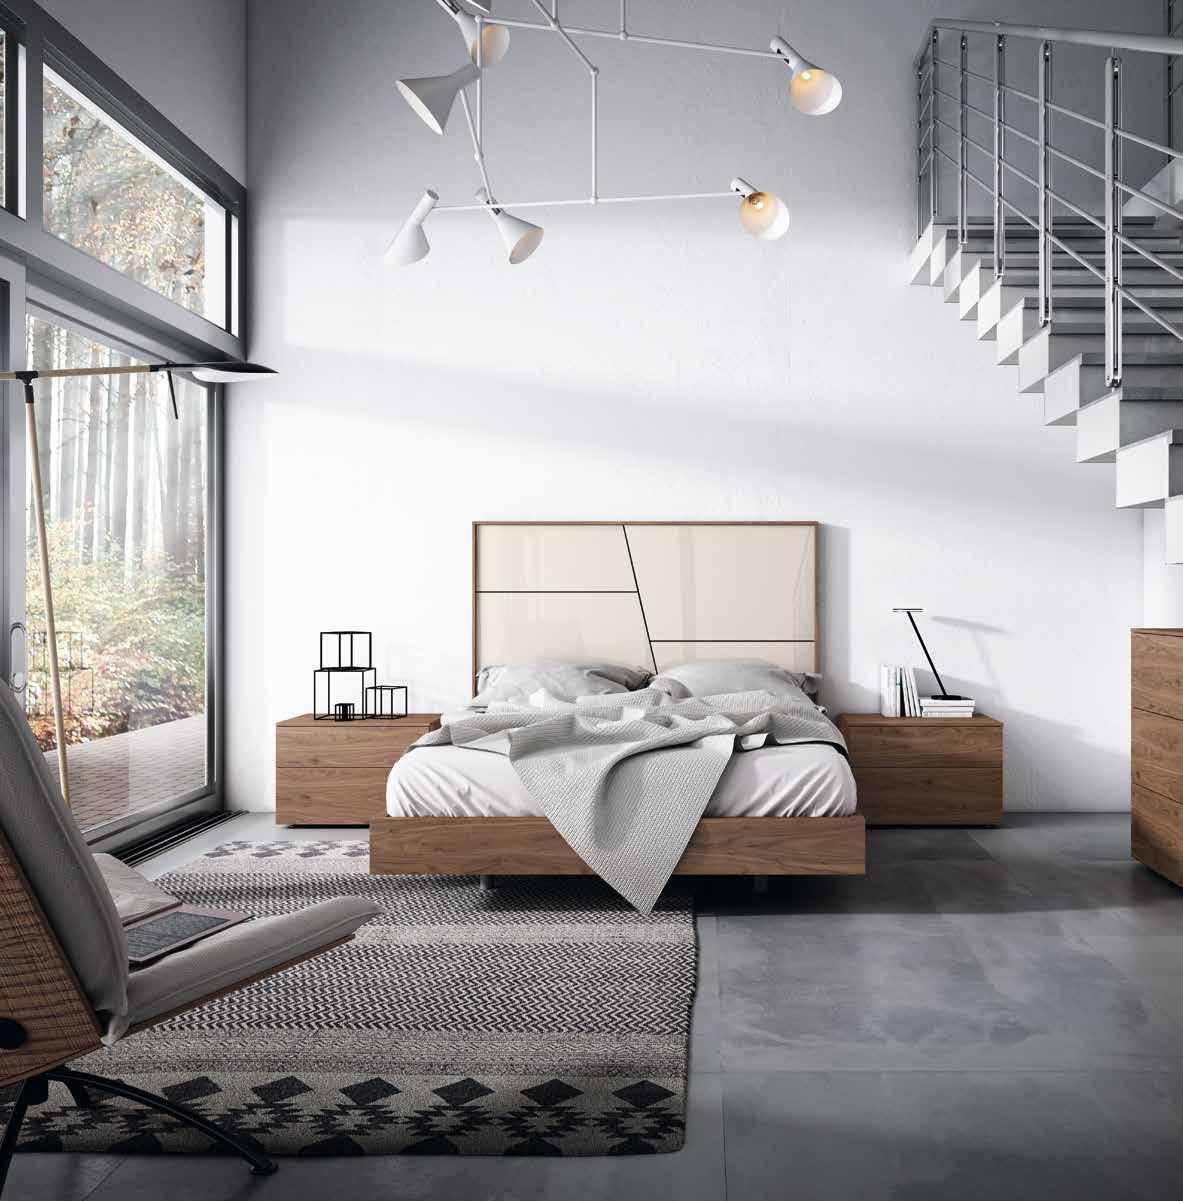 moderno-1-Grafica-muebles-paco-caballero-720-5c93e03d3f47b